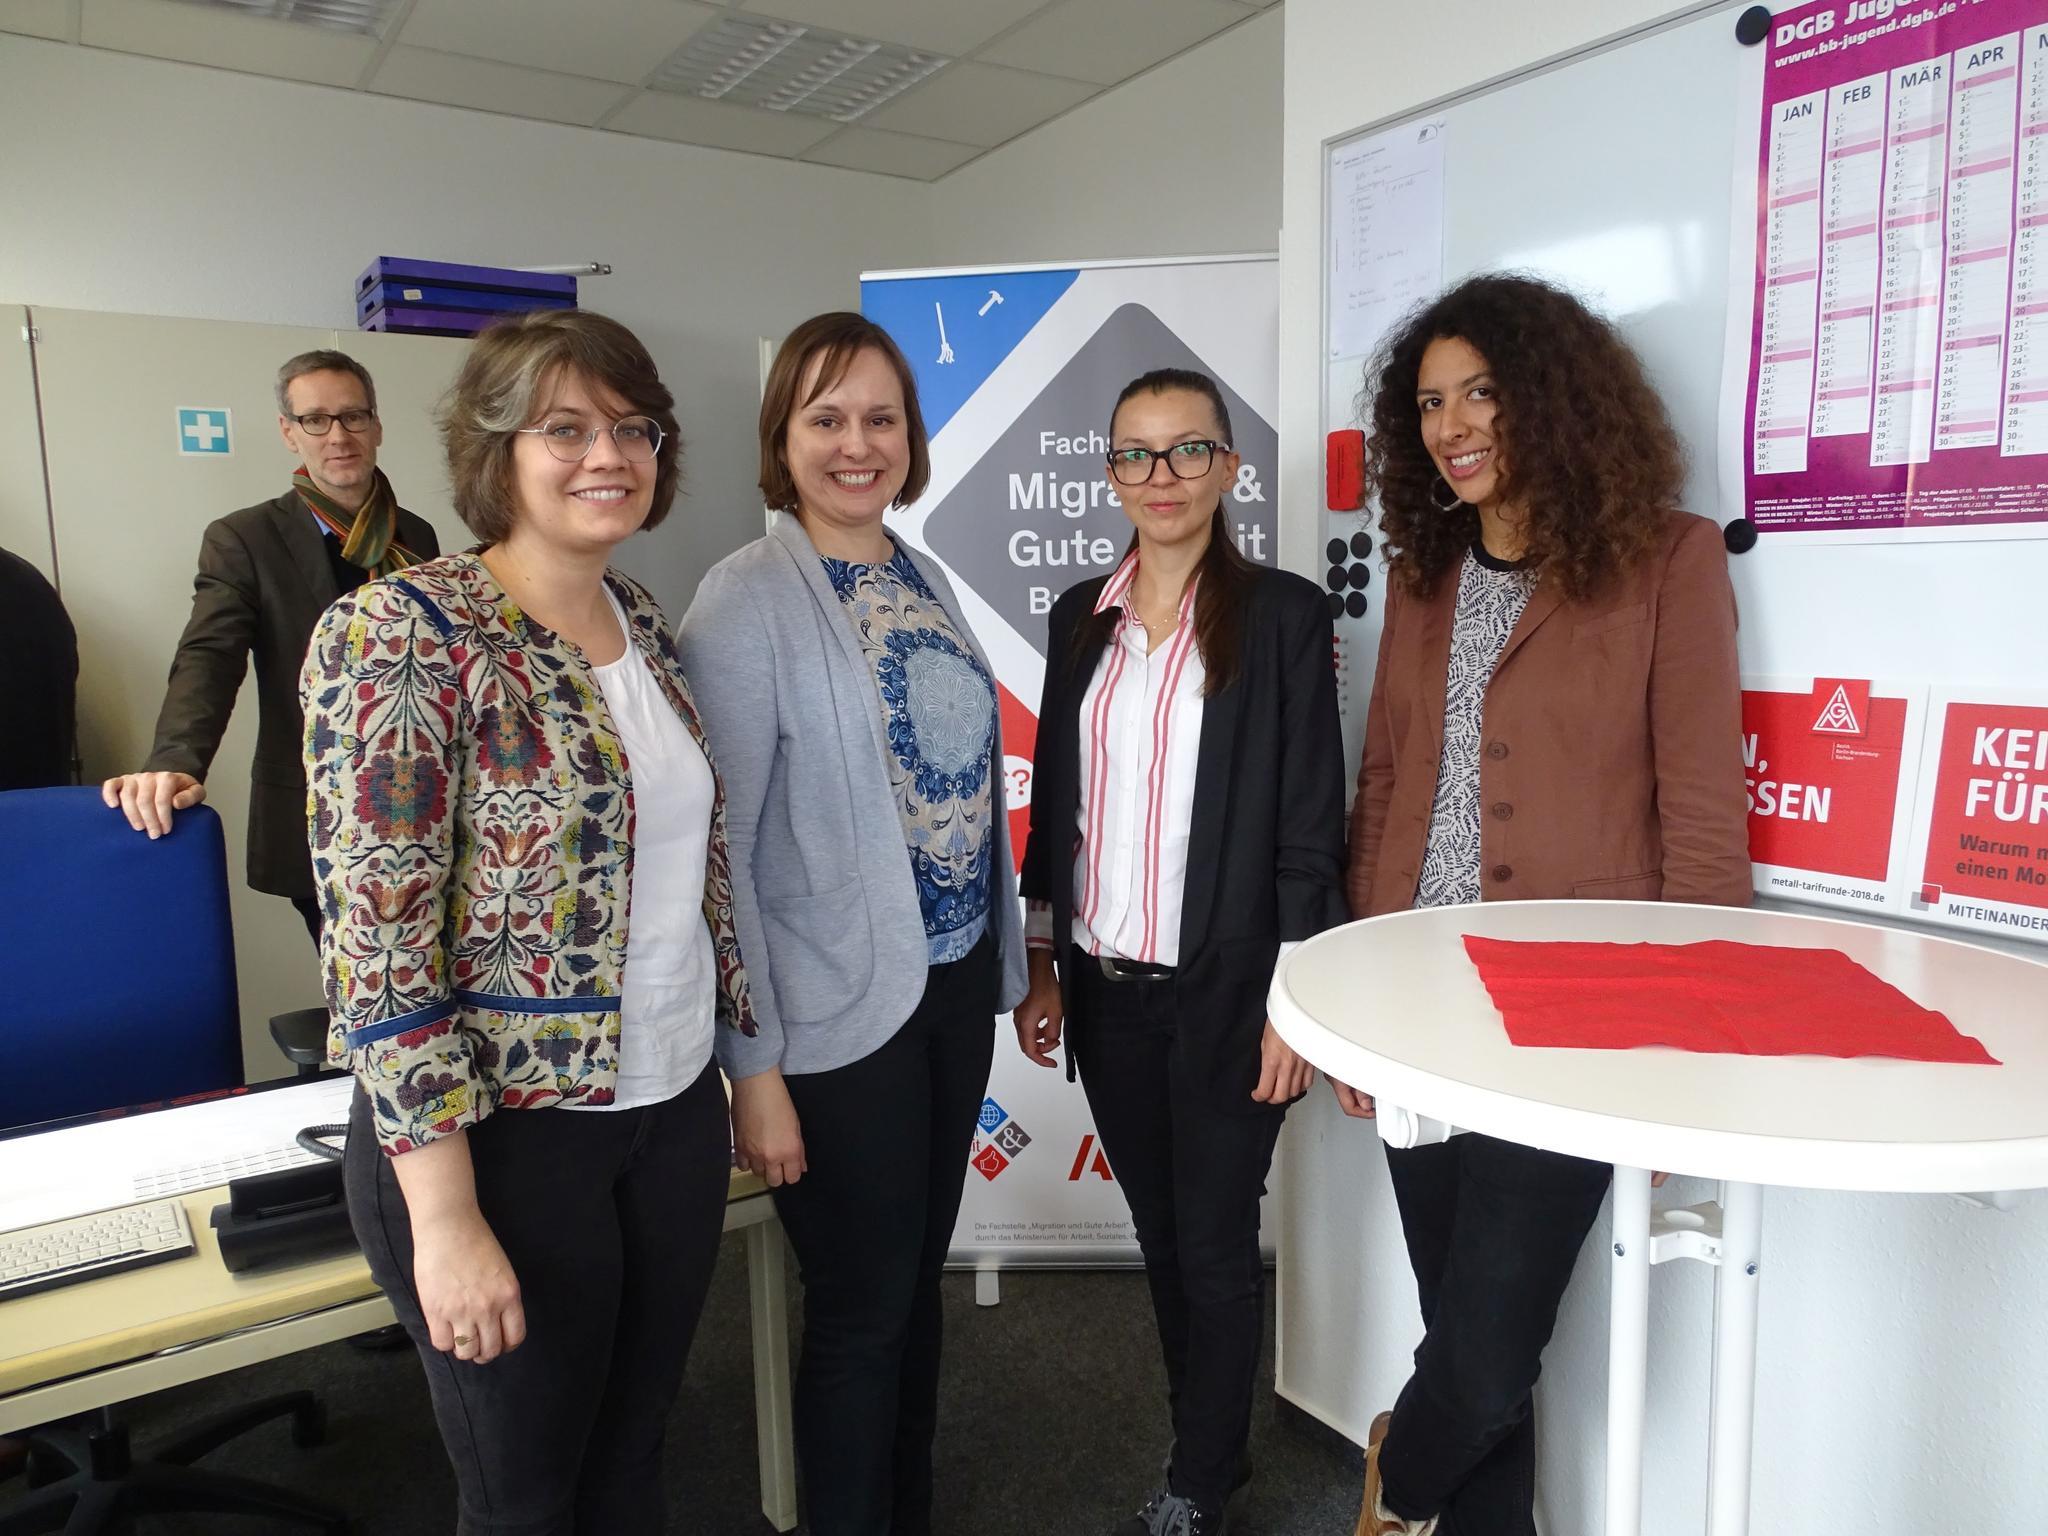 Eröffnung Fachstelle Migration und Gute Arbeit Brandenburg beim DGB Ostbrandenburg in Frankfurt (Oder)